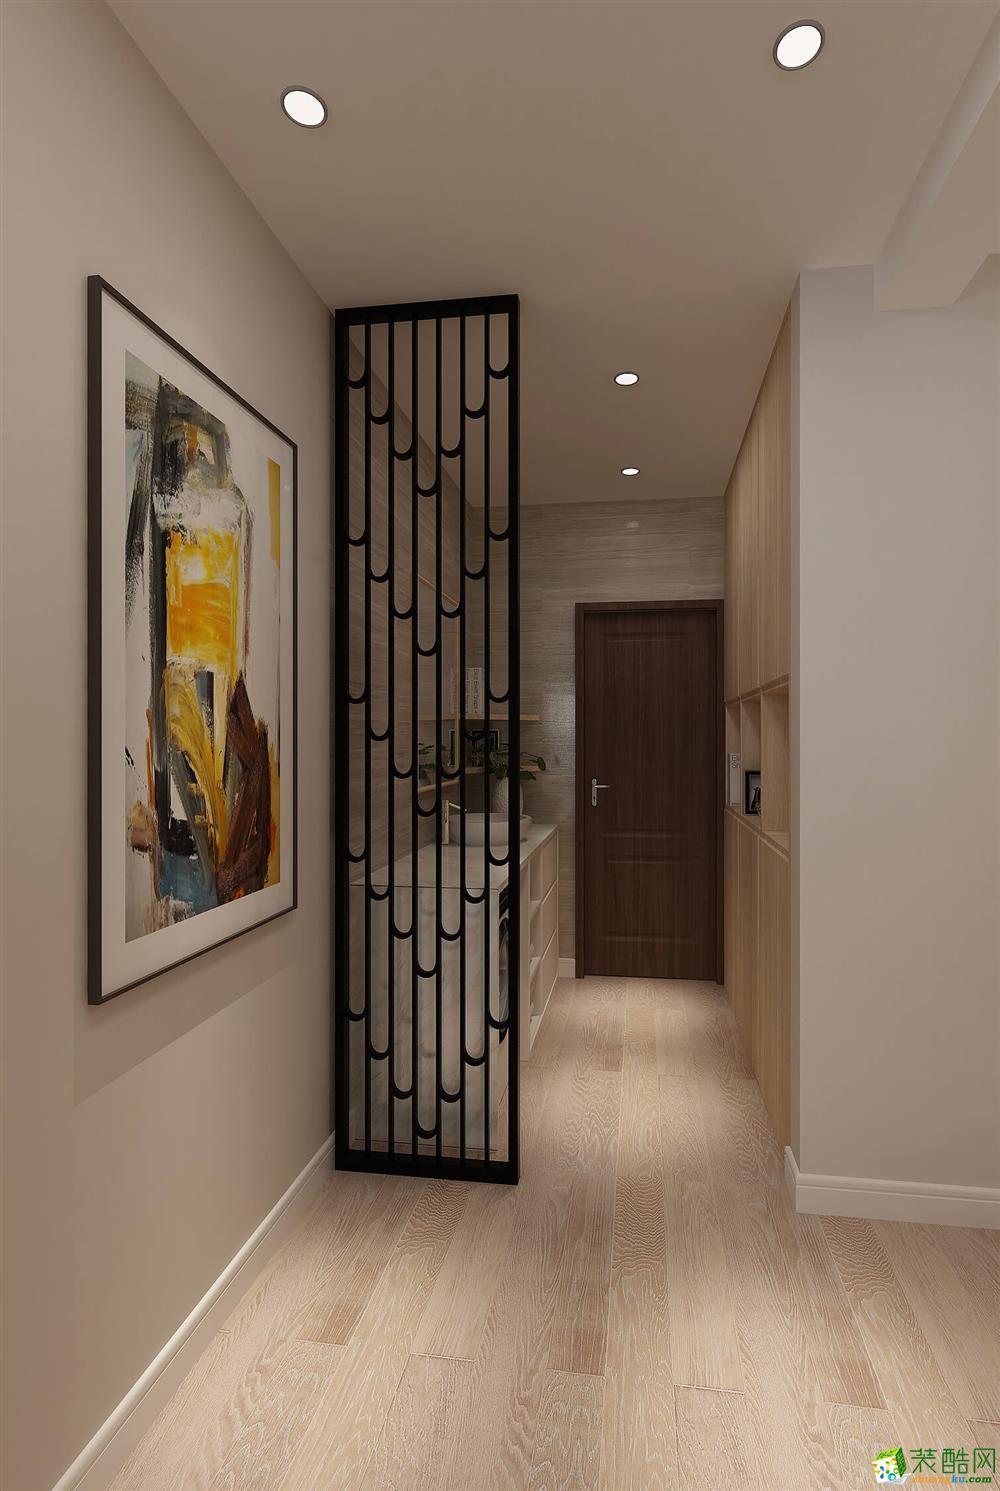 【生活家装饰】70平方自然简洁港式家居风格装饰效果图